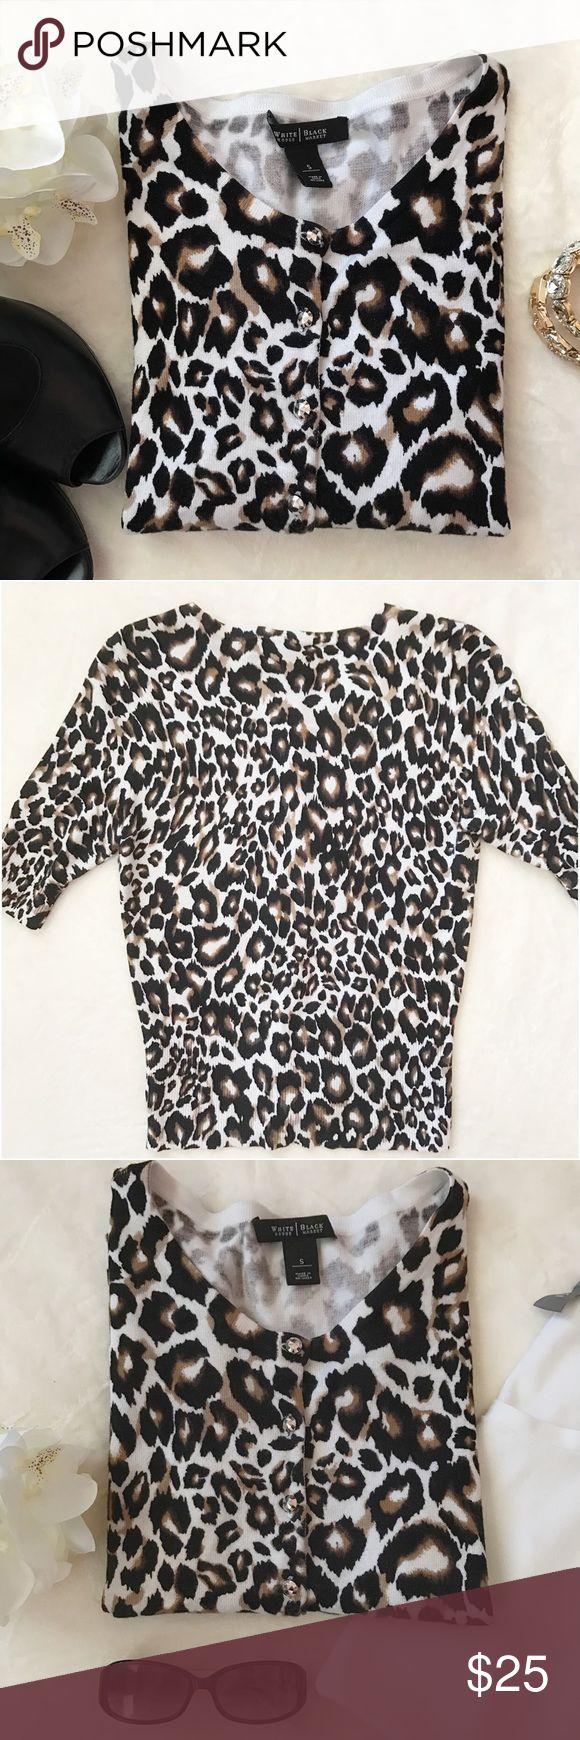 Selling this WHITE HOUSE BLACK MARKET Leopard Sweater on Poshmark! My username is: sweetride. #shopmycloset #poshmark #fashion #shopping #style #forsale #White House Black Market #Sweaters